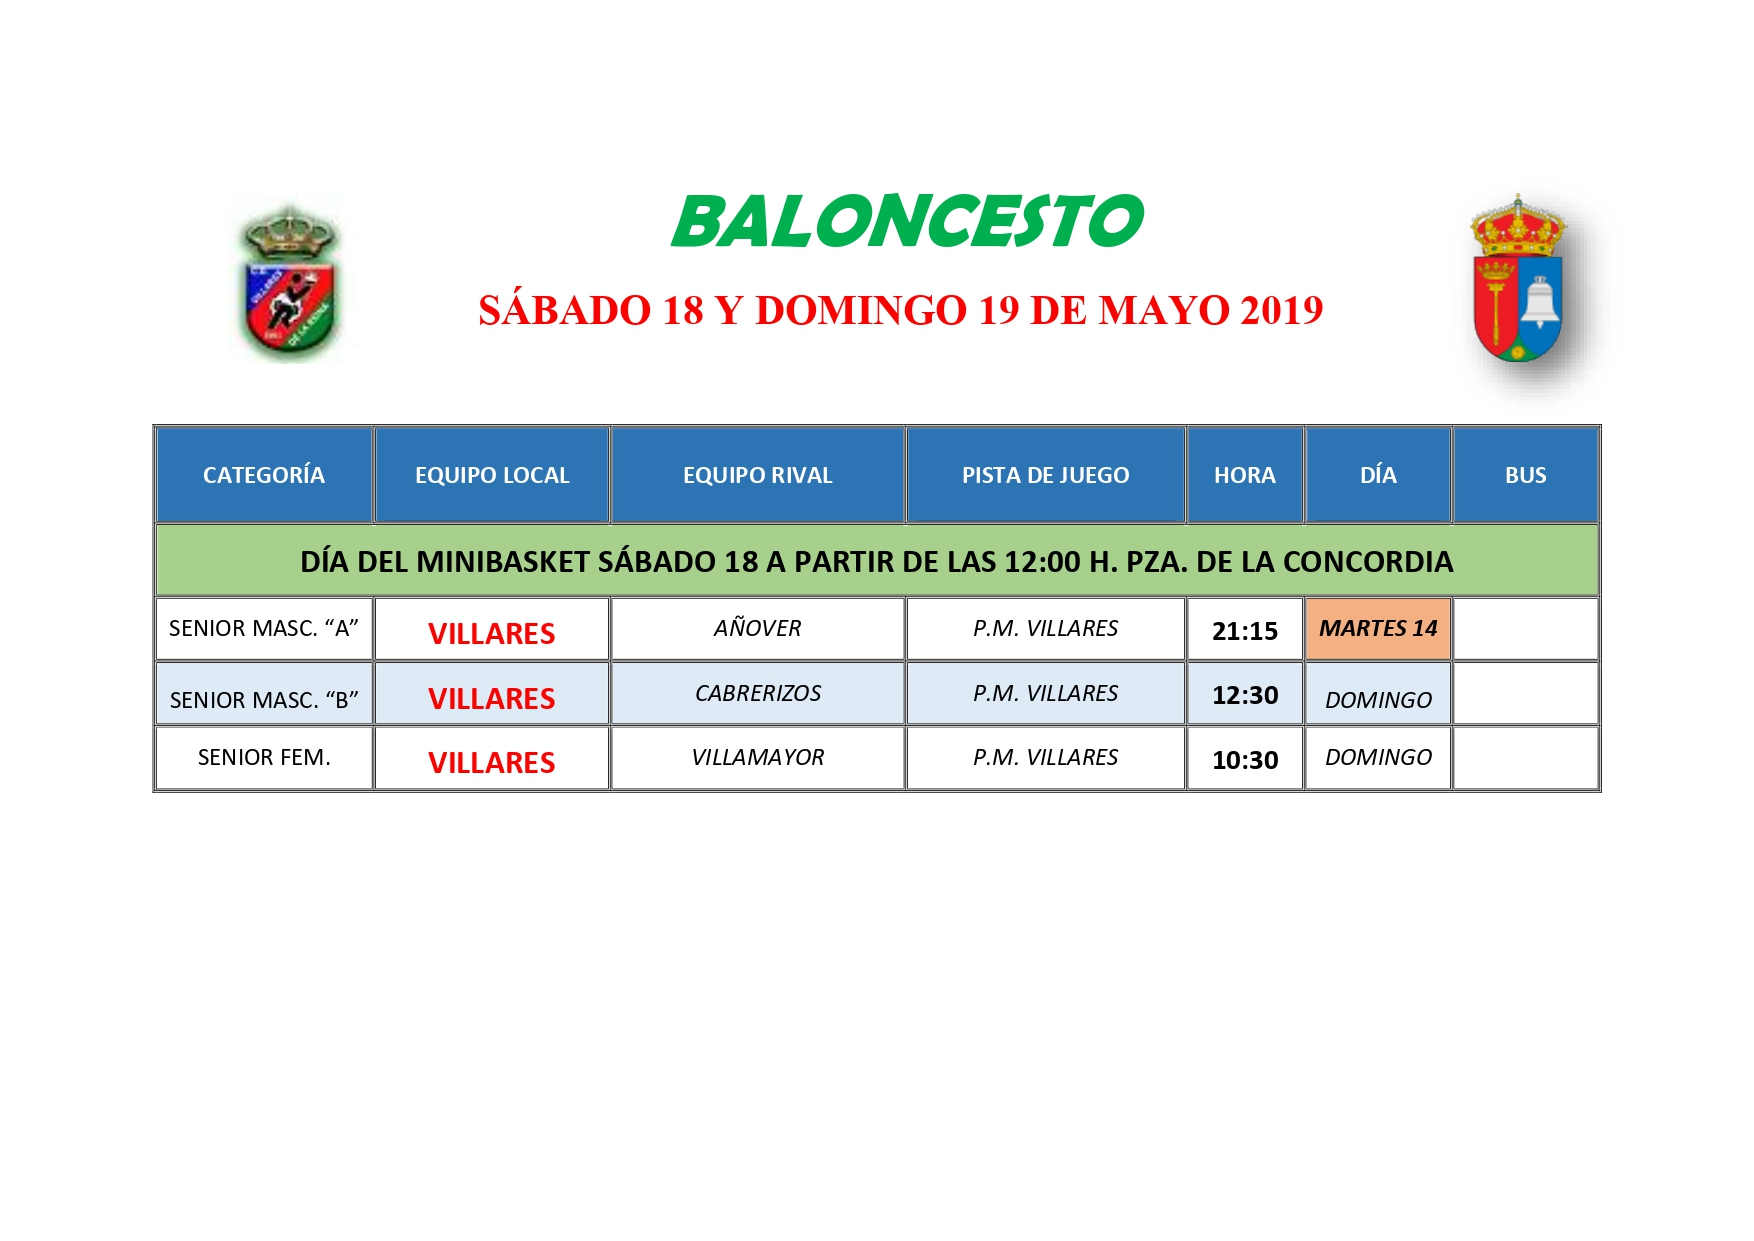 HORARIOS BALONCESTO S�BADO 18 Y DOMINGO 19 DE MAYO